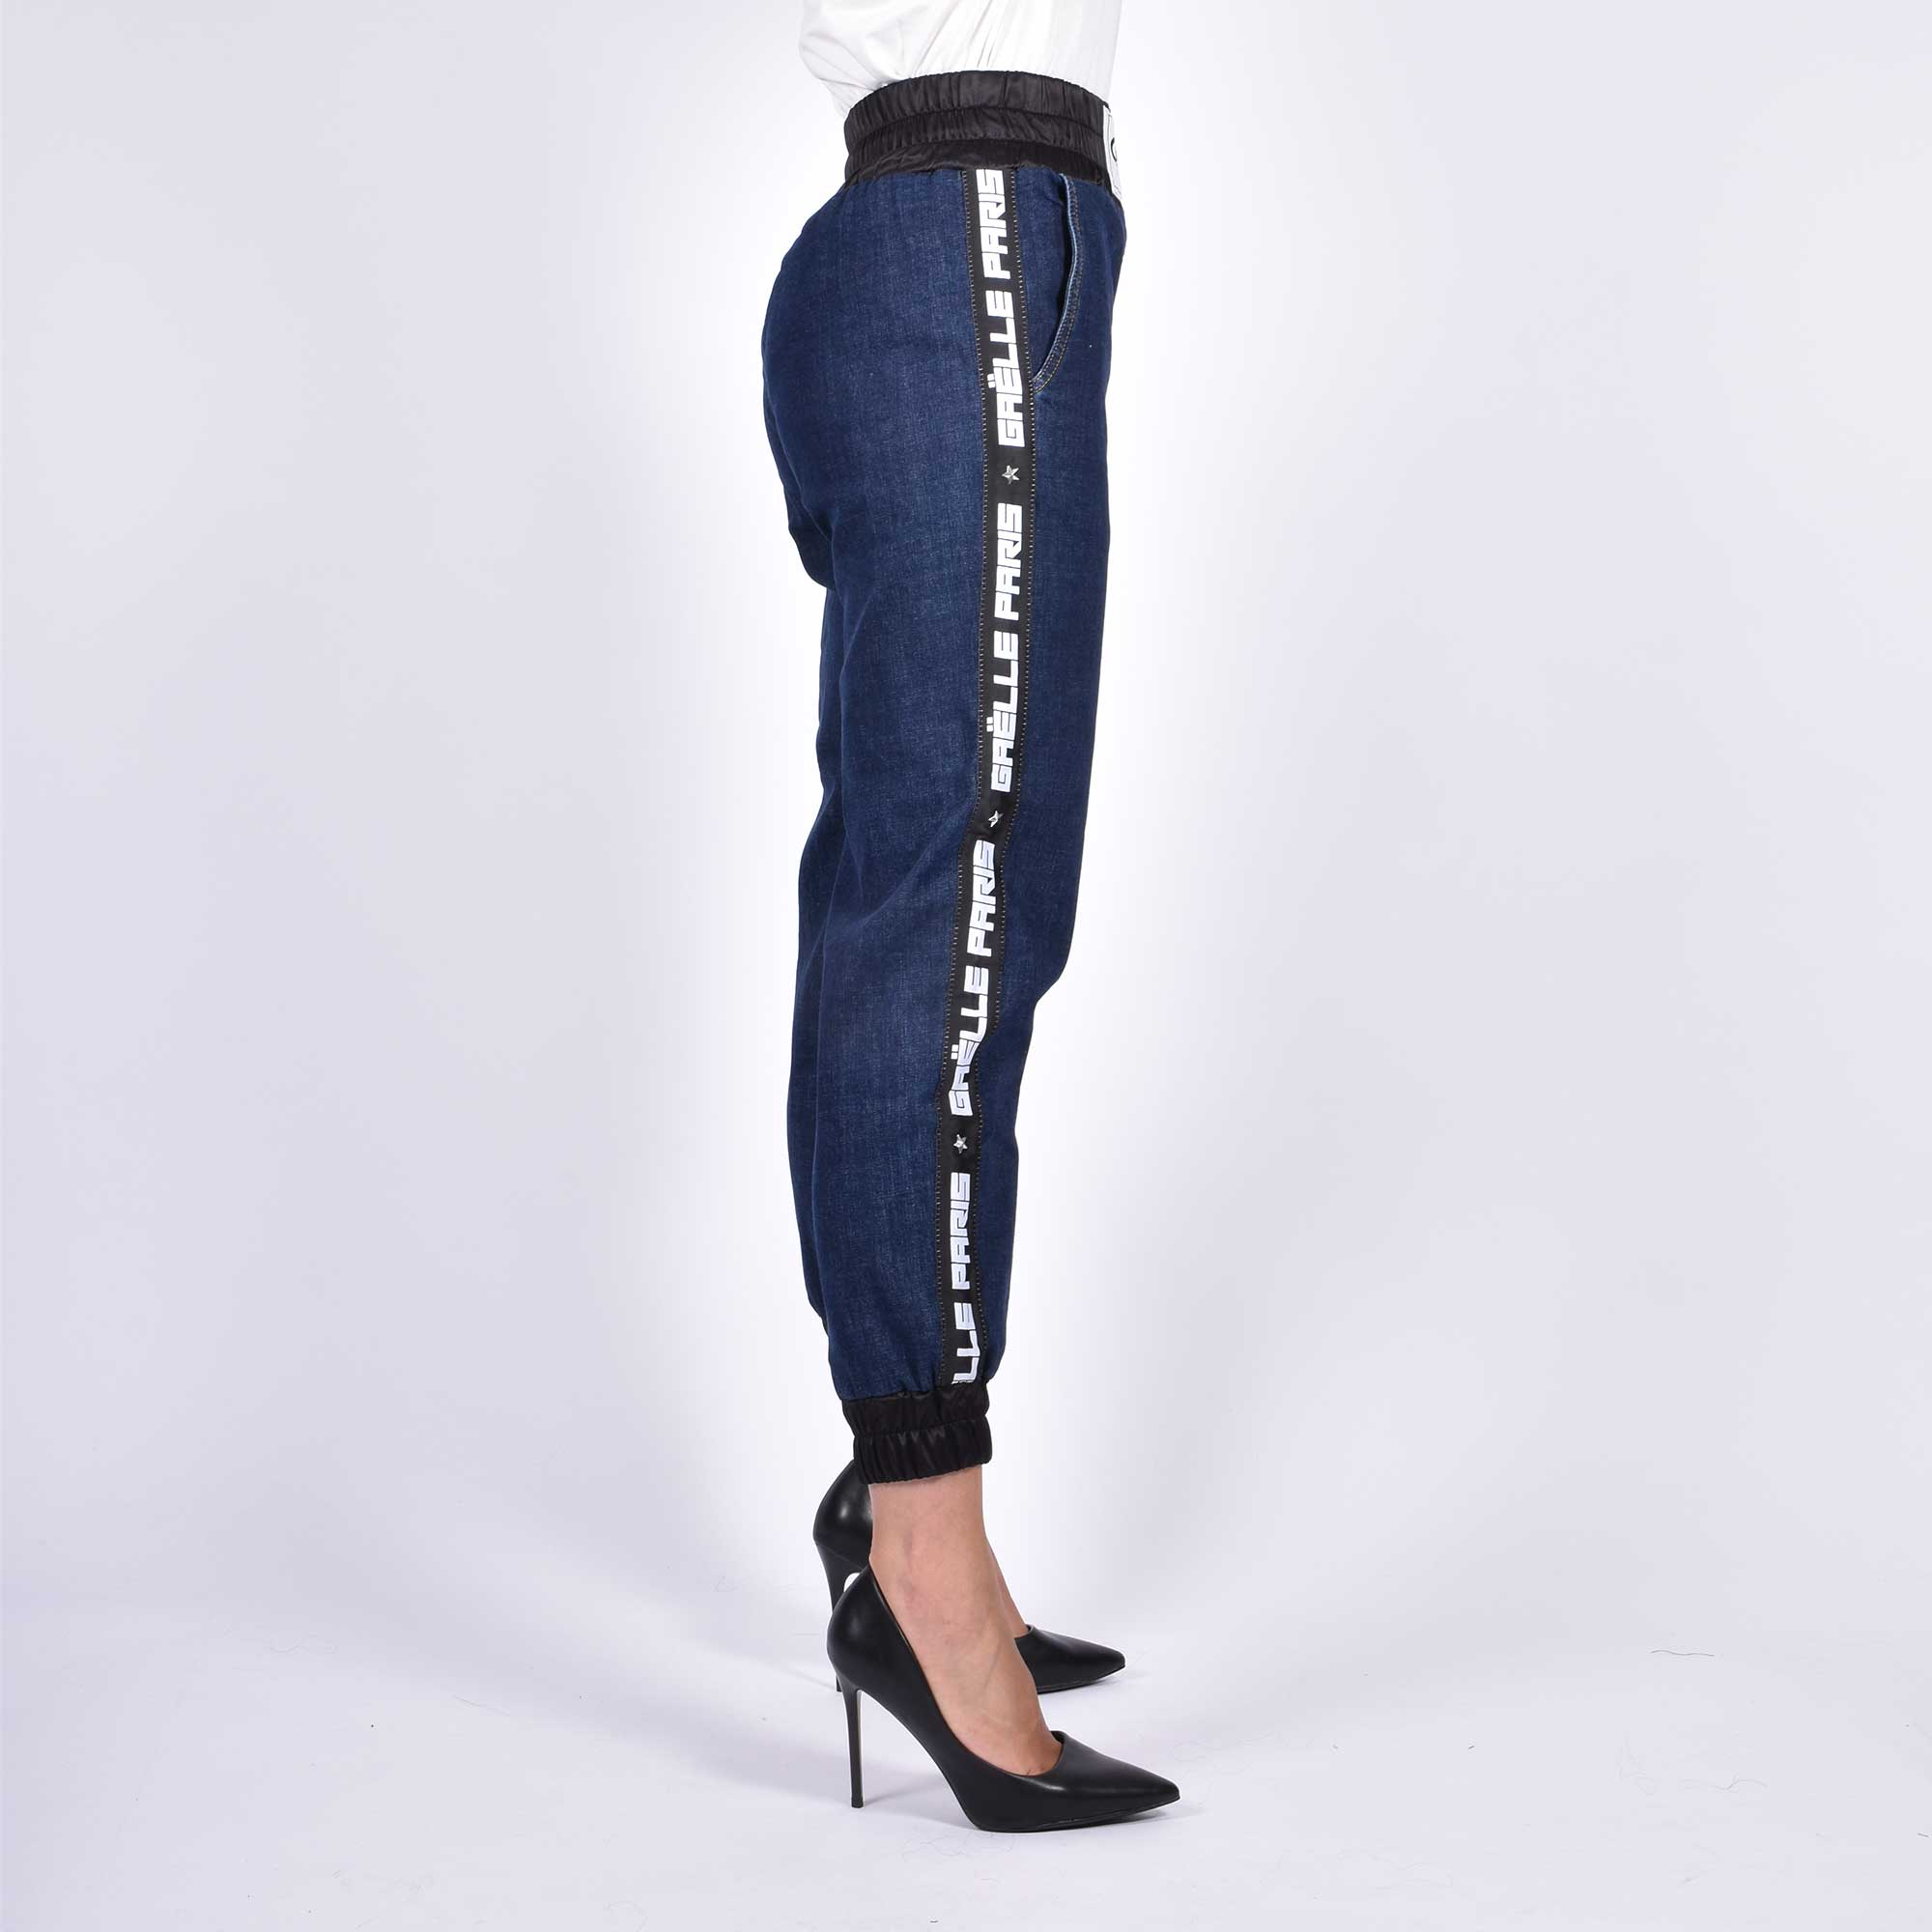 Jeans fascia raso elastica - Denim